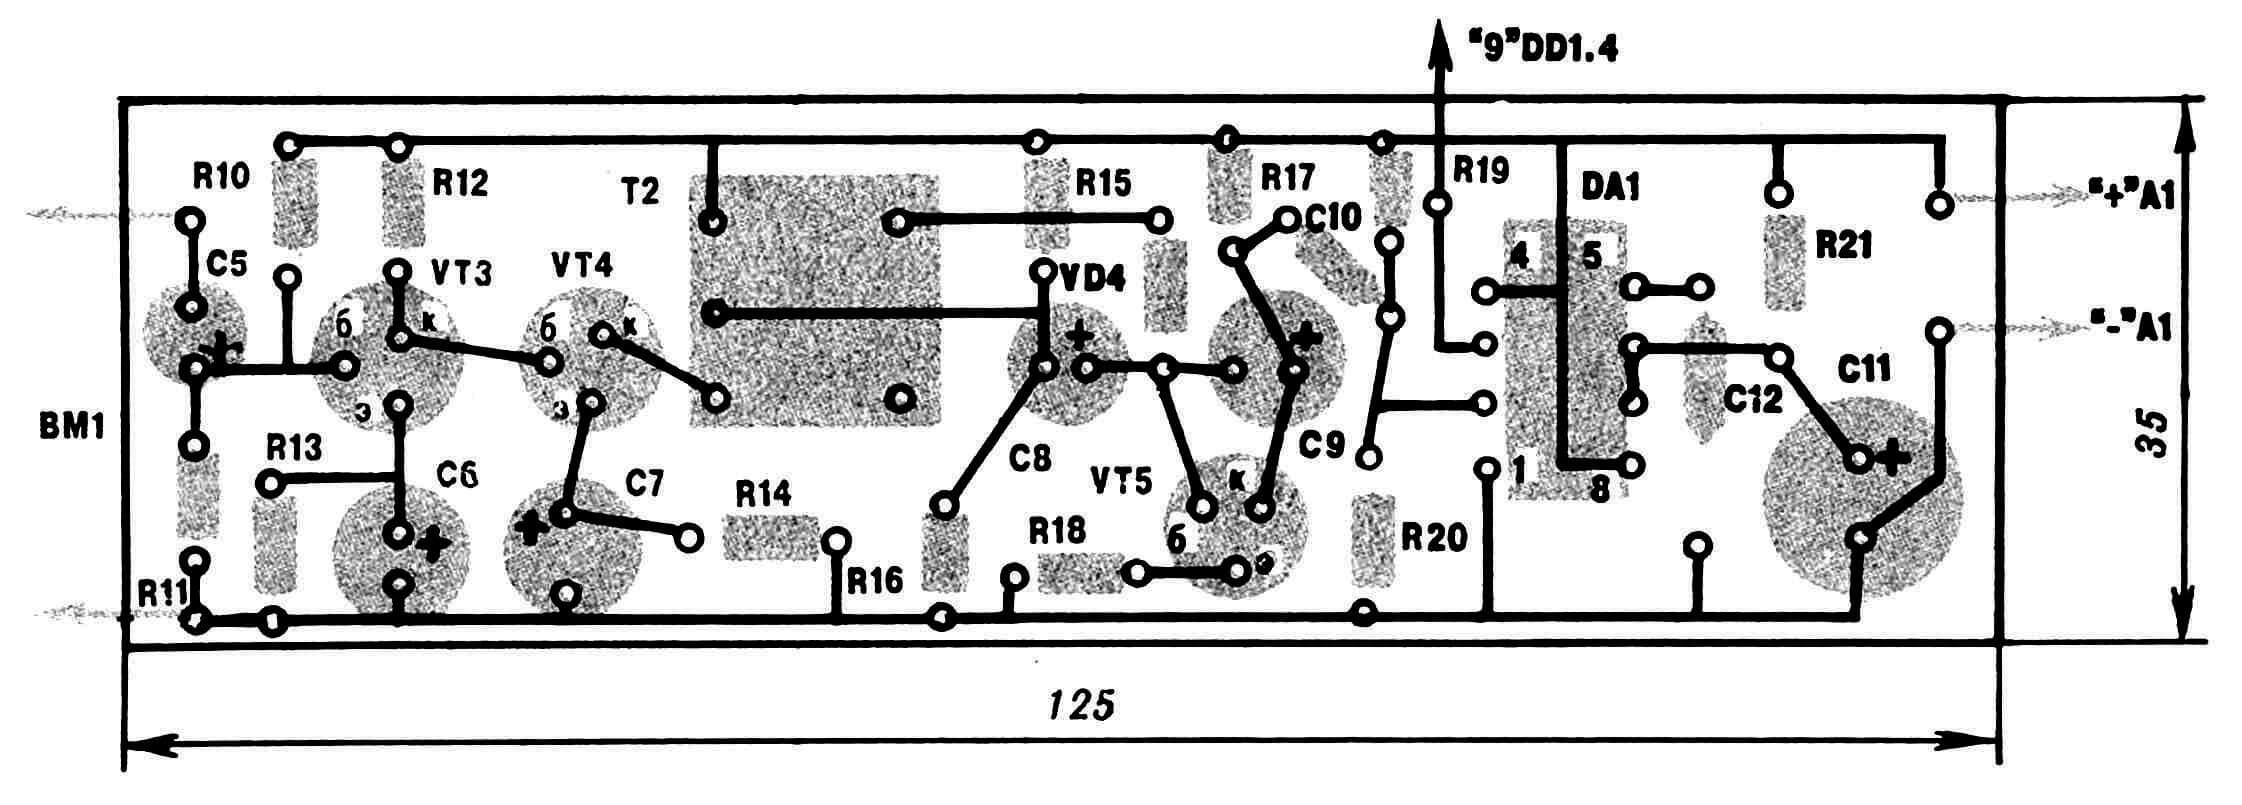 Принципиальная электрическая схема приставки для приема сигнала на включение нагрузки по телефону и ее монтажная плата.